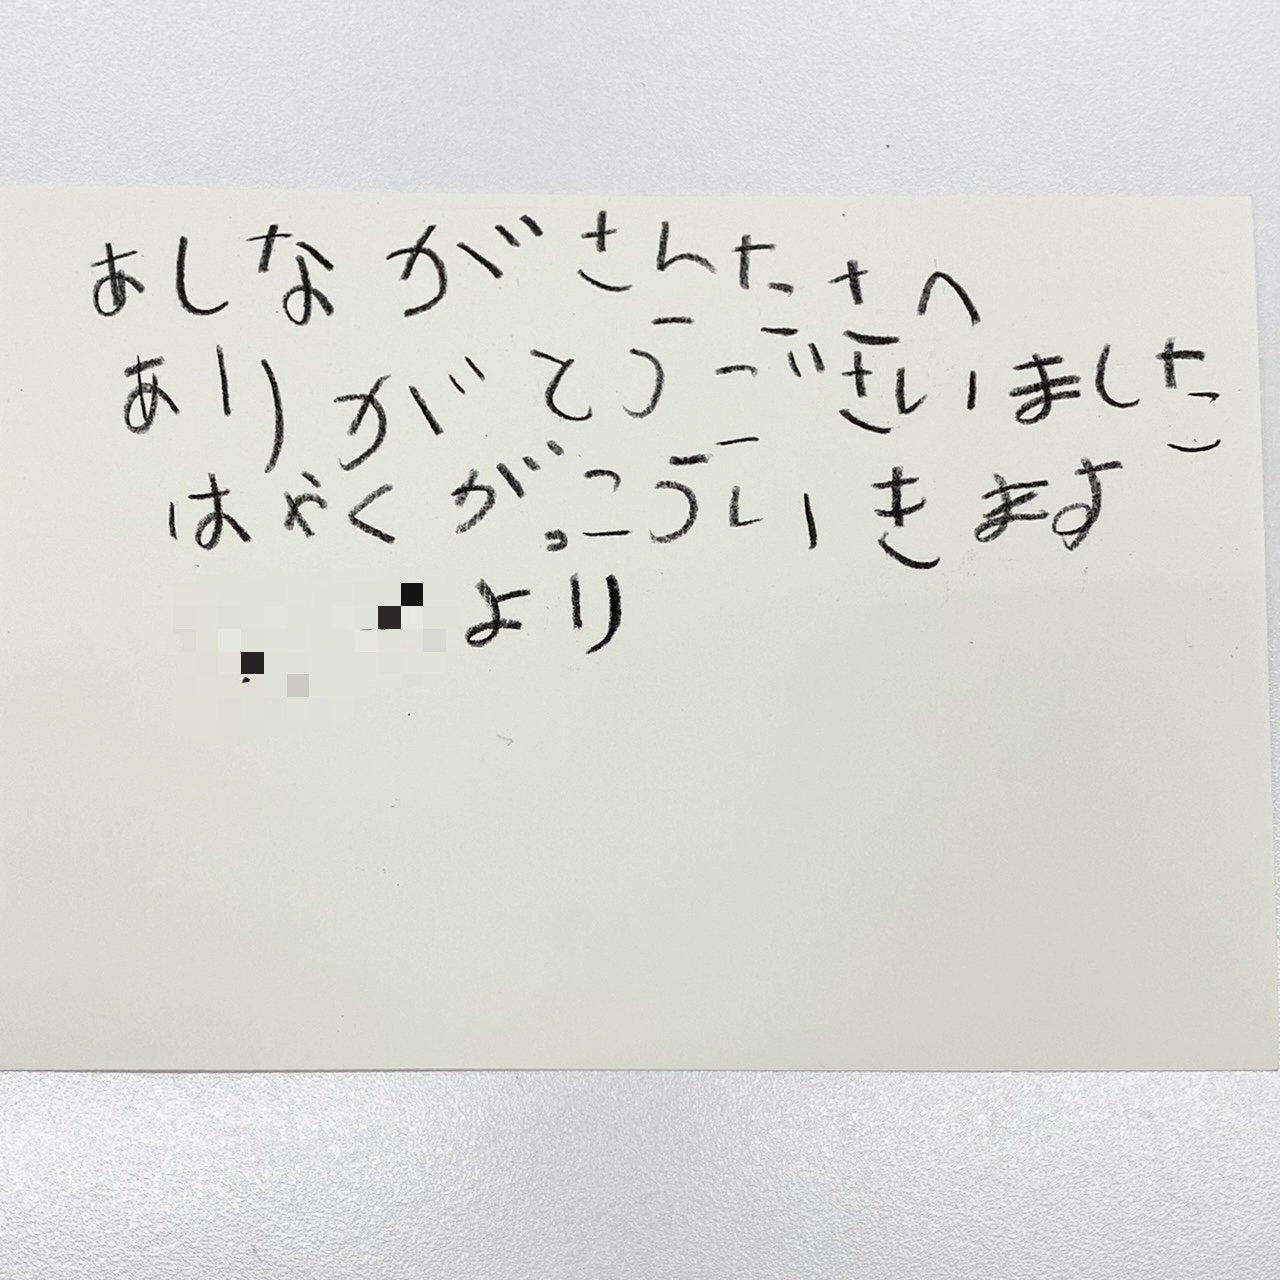 【あしながサンタ】株式会社ロードカー【支援】